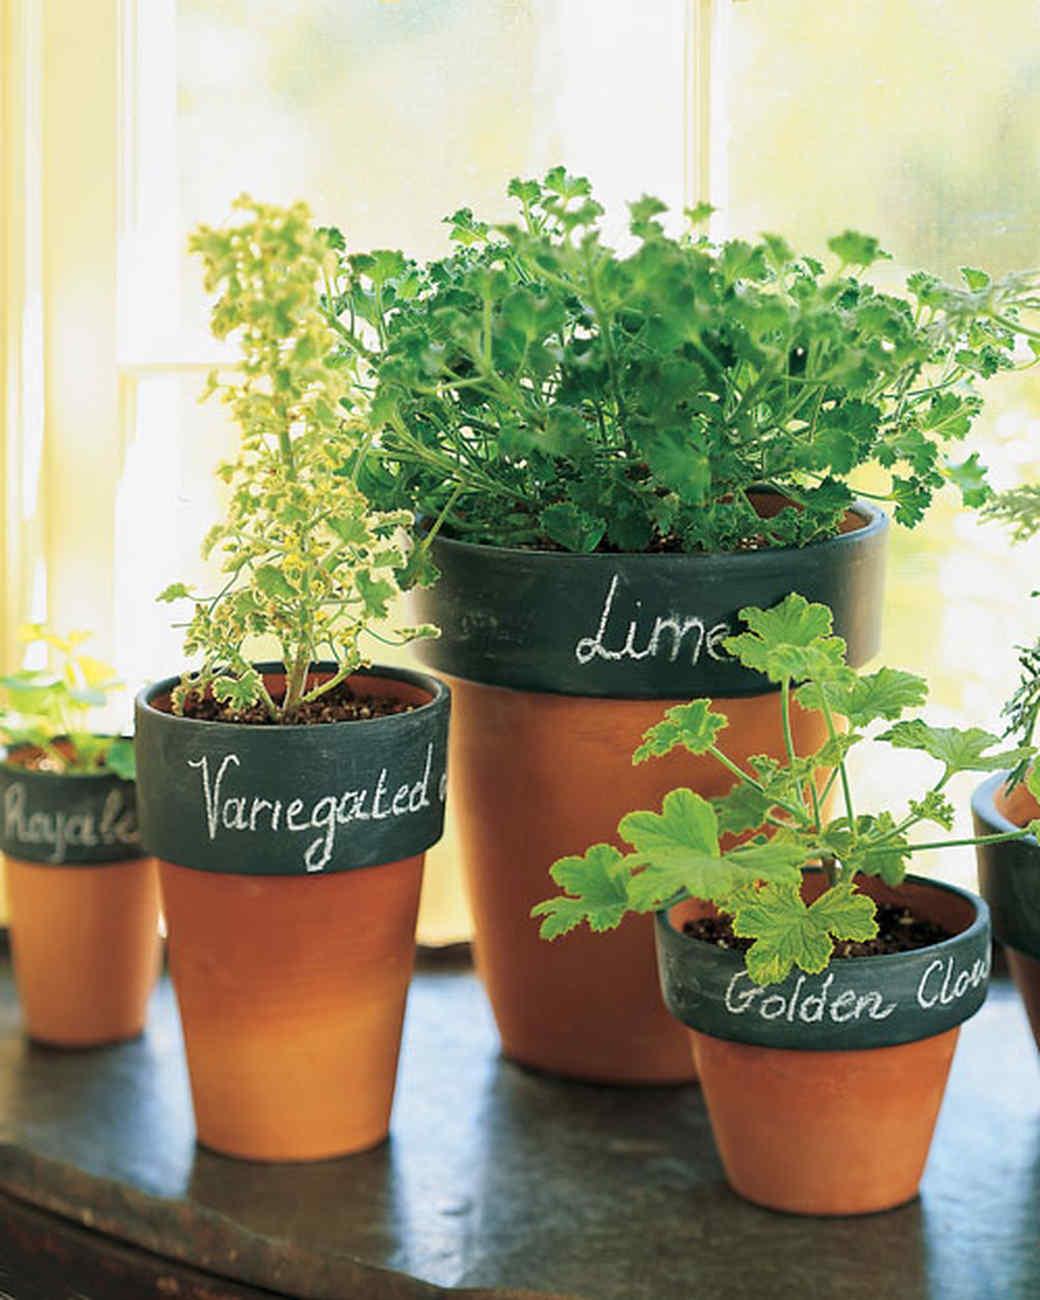 & 12 Ways to Personalize Terra Cotta Pots | Martha Stewart